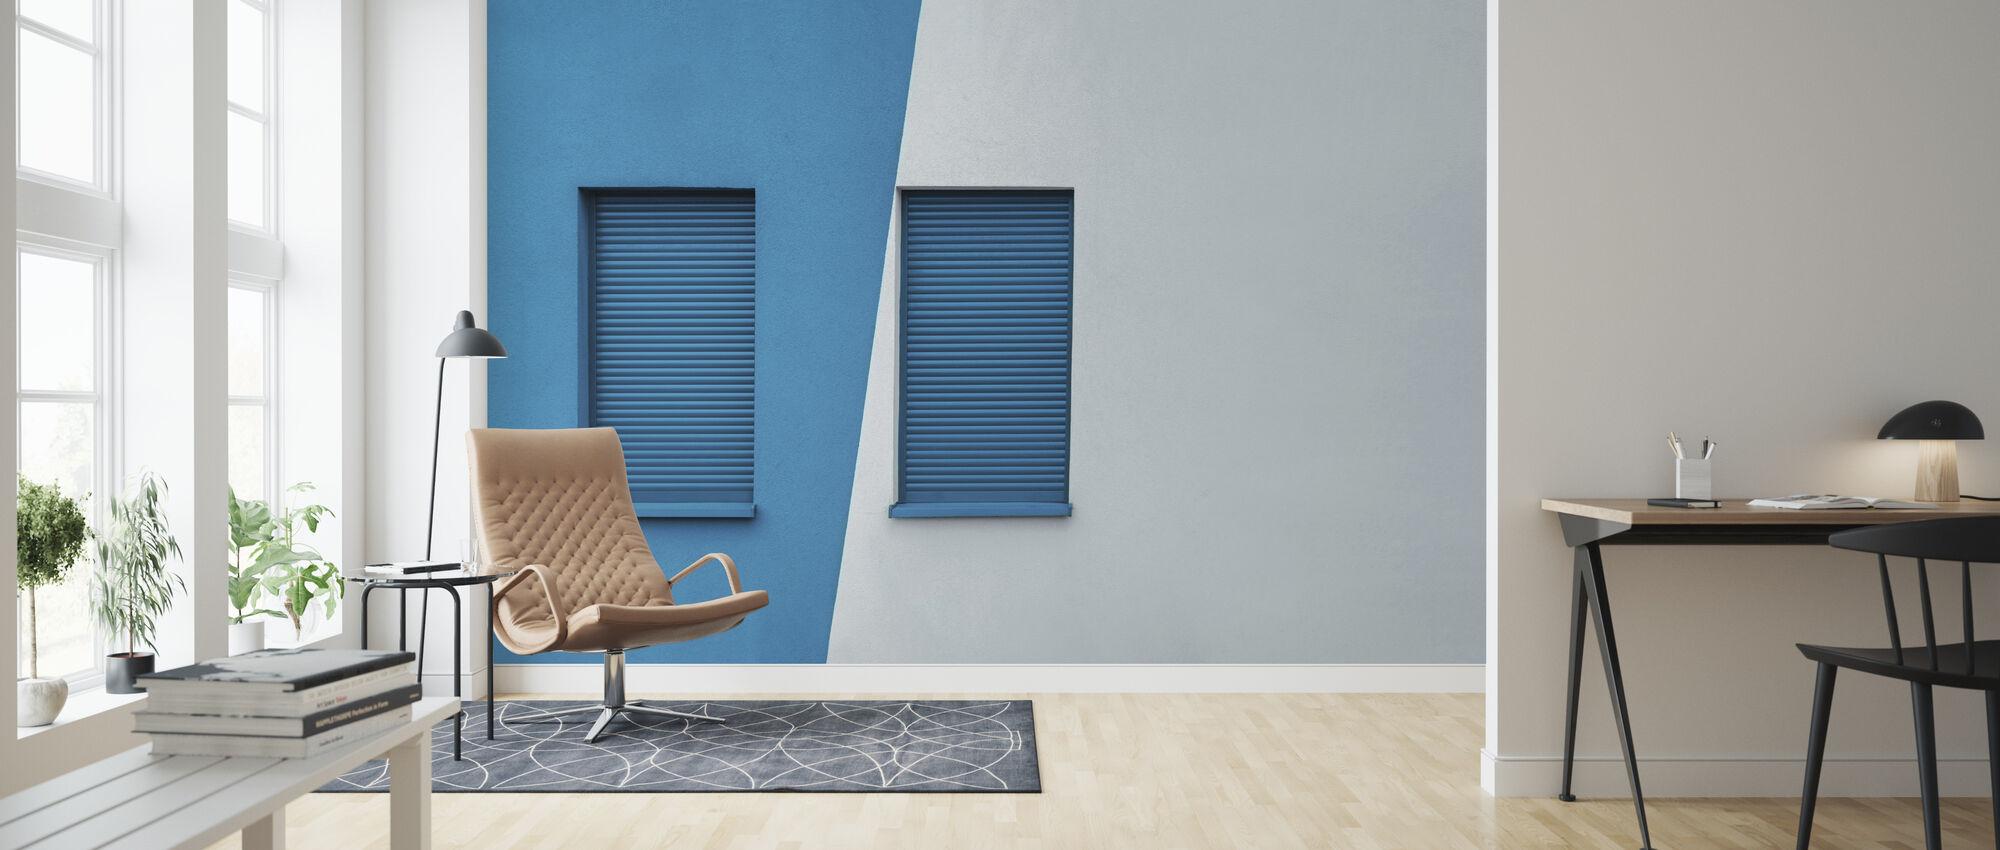 Symmetrinen ikkuna - Tapetti - Olohuone